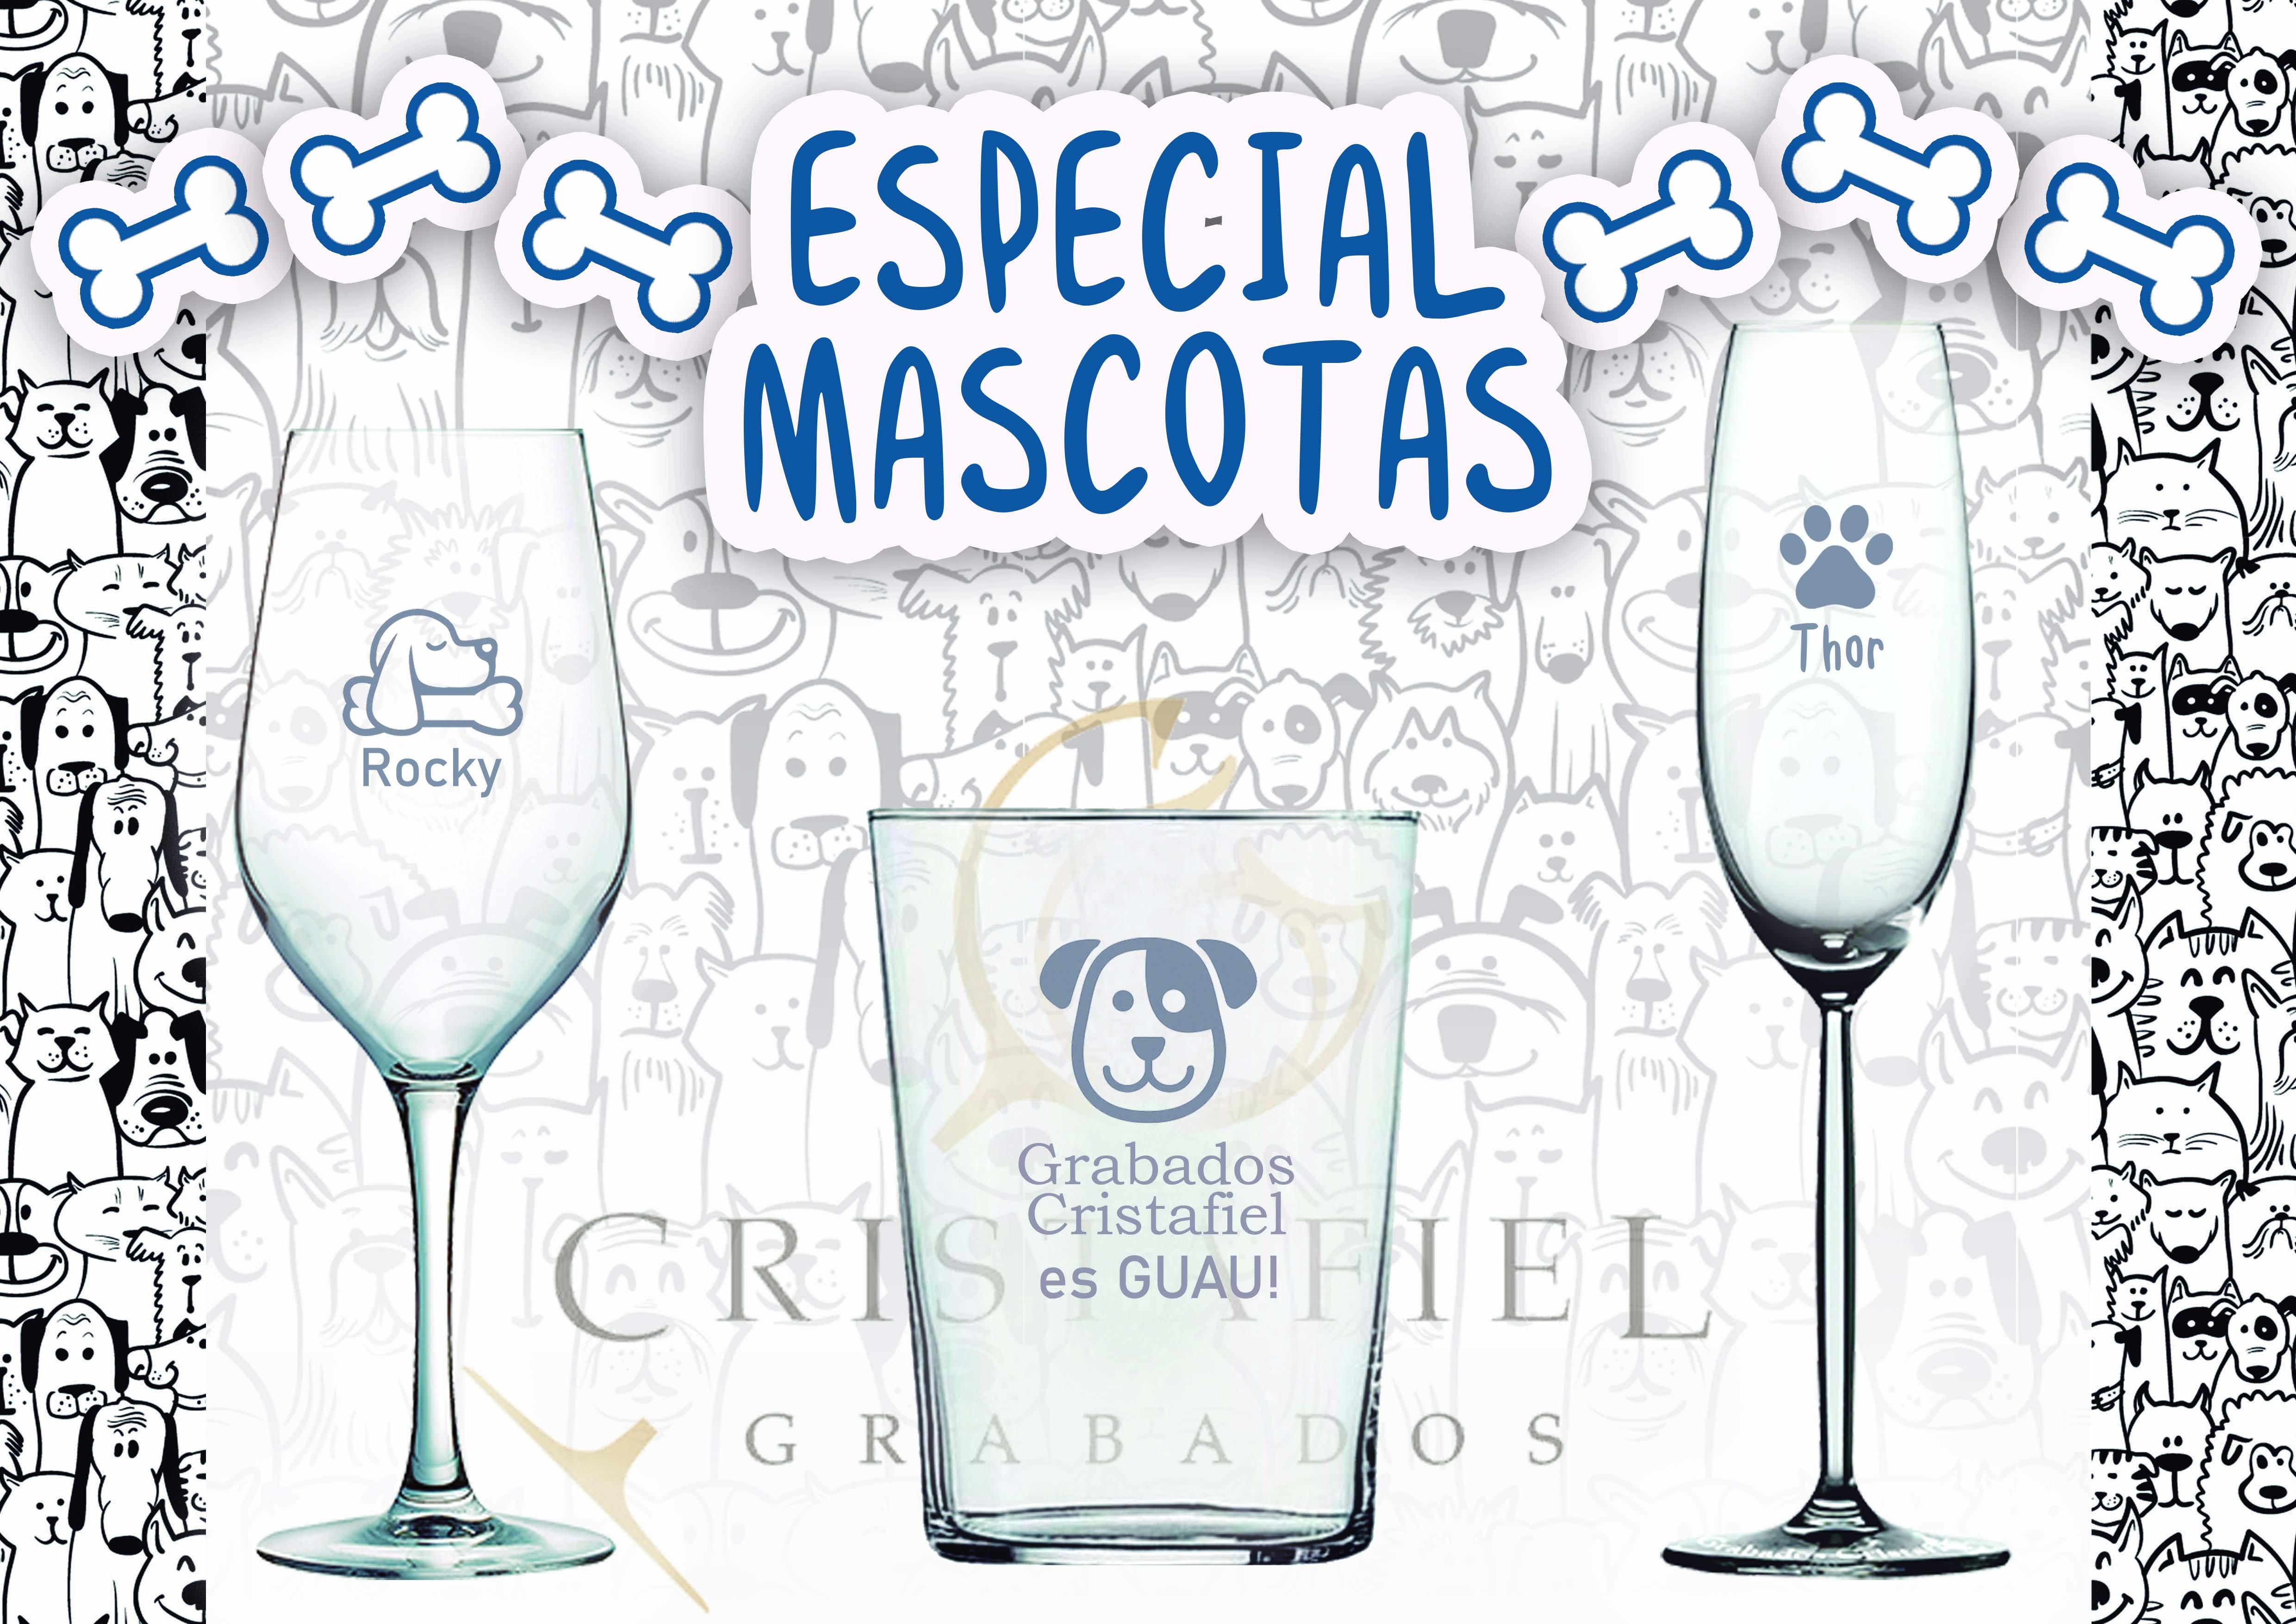 Cristafiel - Especial - mascotas - diseño